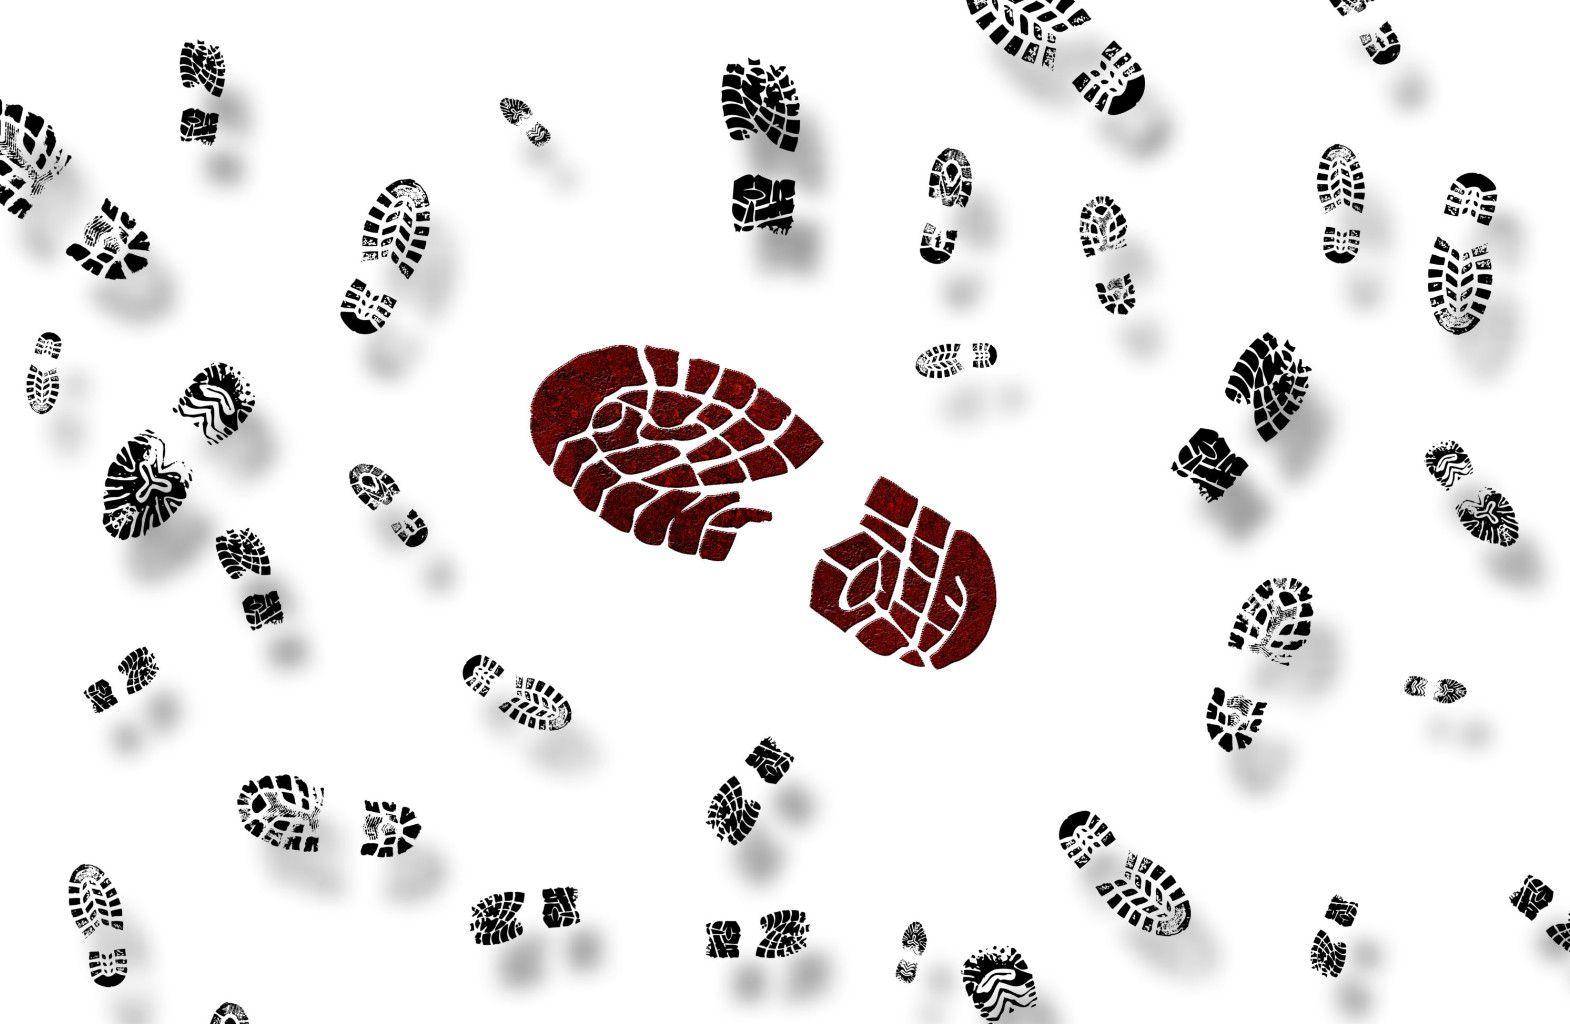 Diez sistemas de autenticación biométrica para olvidar las contraseñas